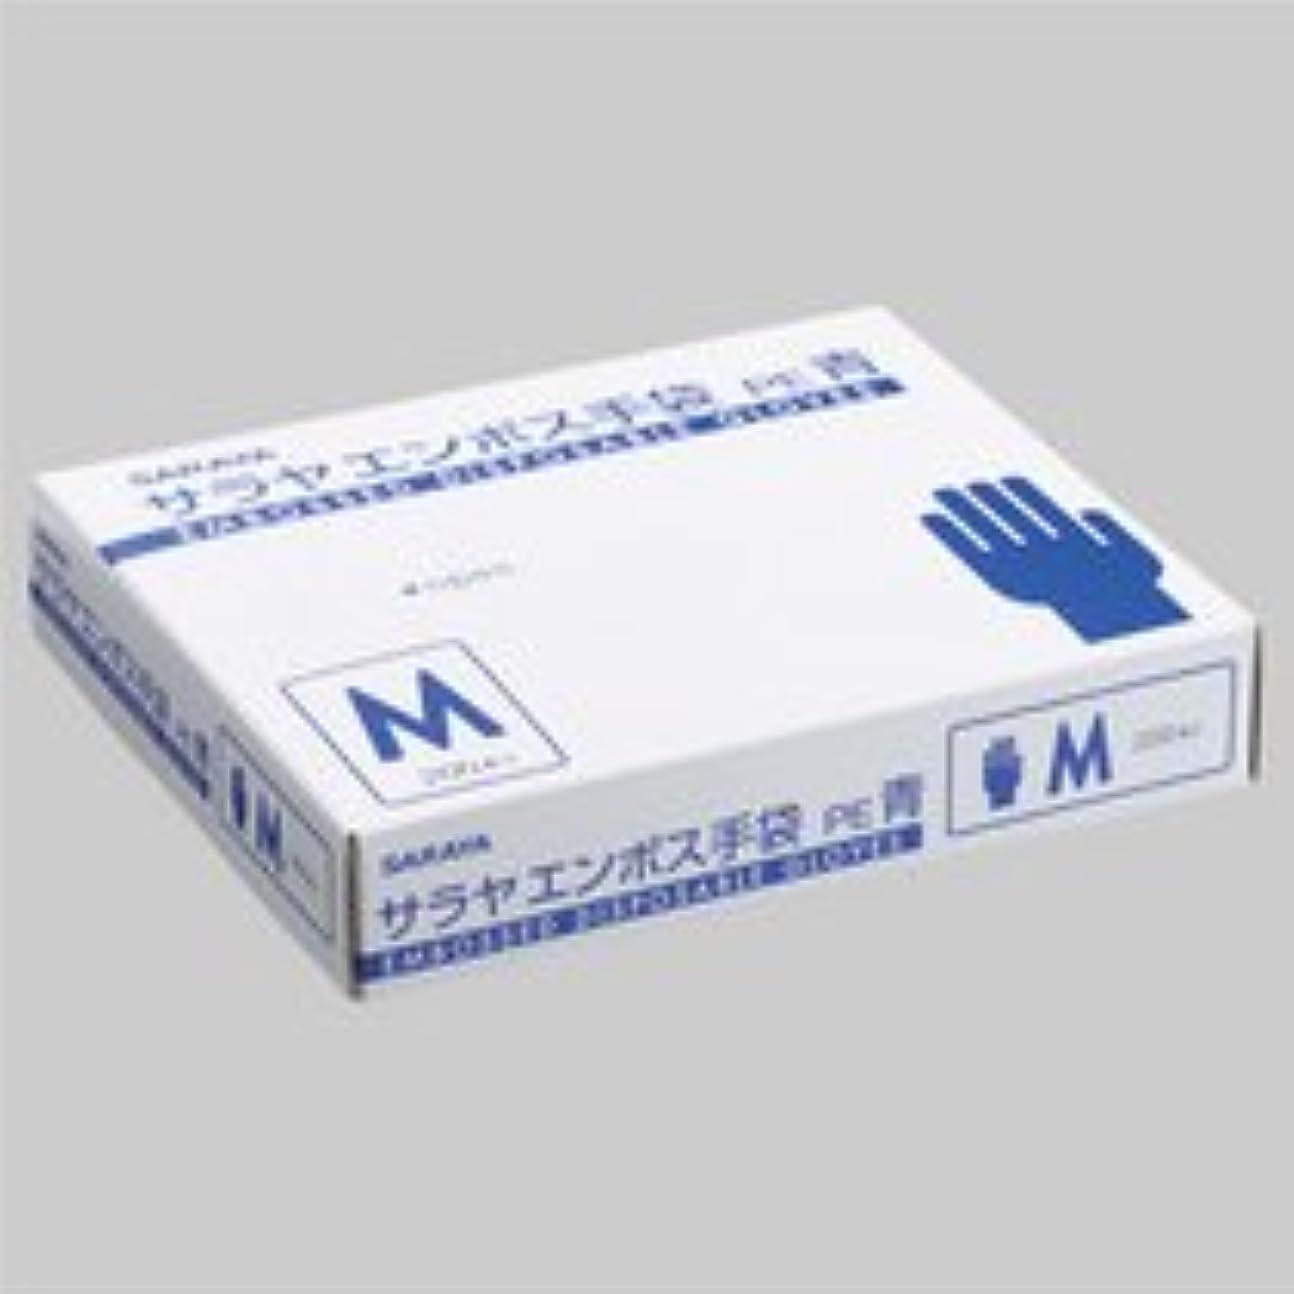 のヒープ出撃者ベアリングサラヤ エンボス手袋 PE青 M 51094 1セット(2000枚:200枚×10箱)